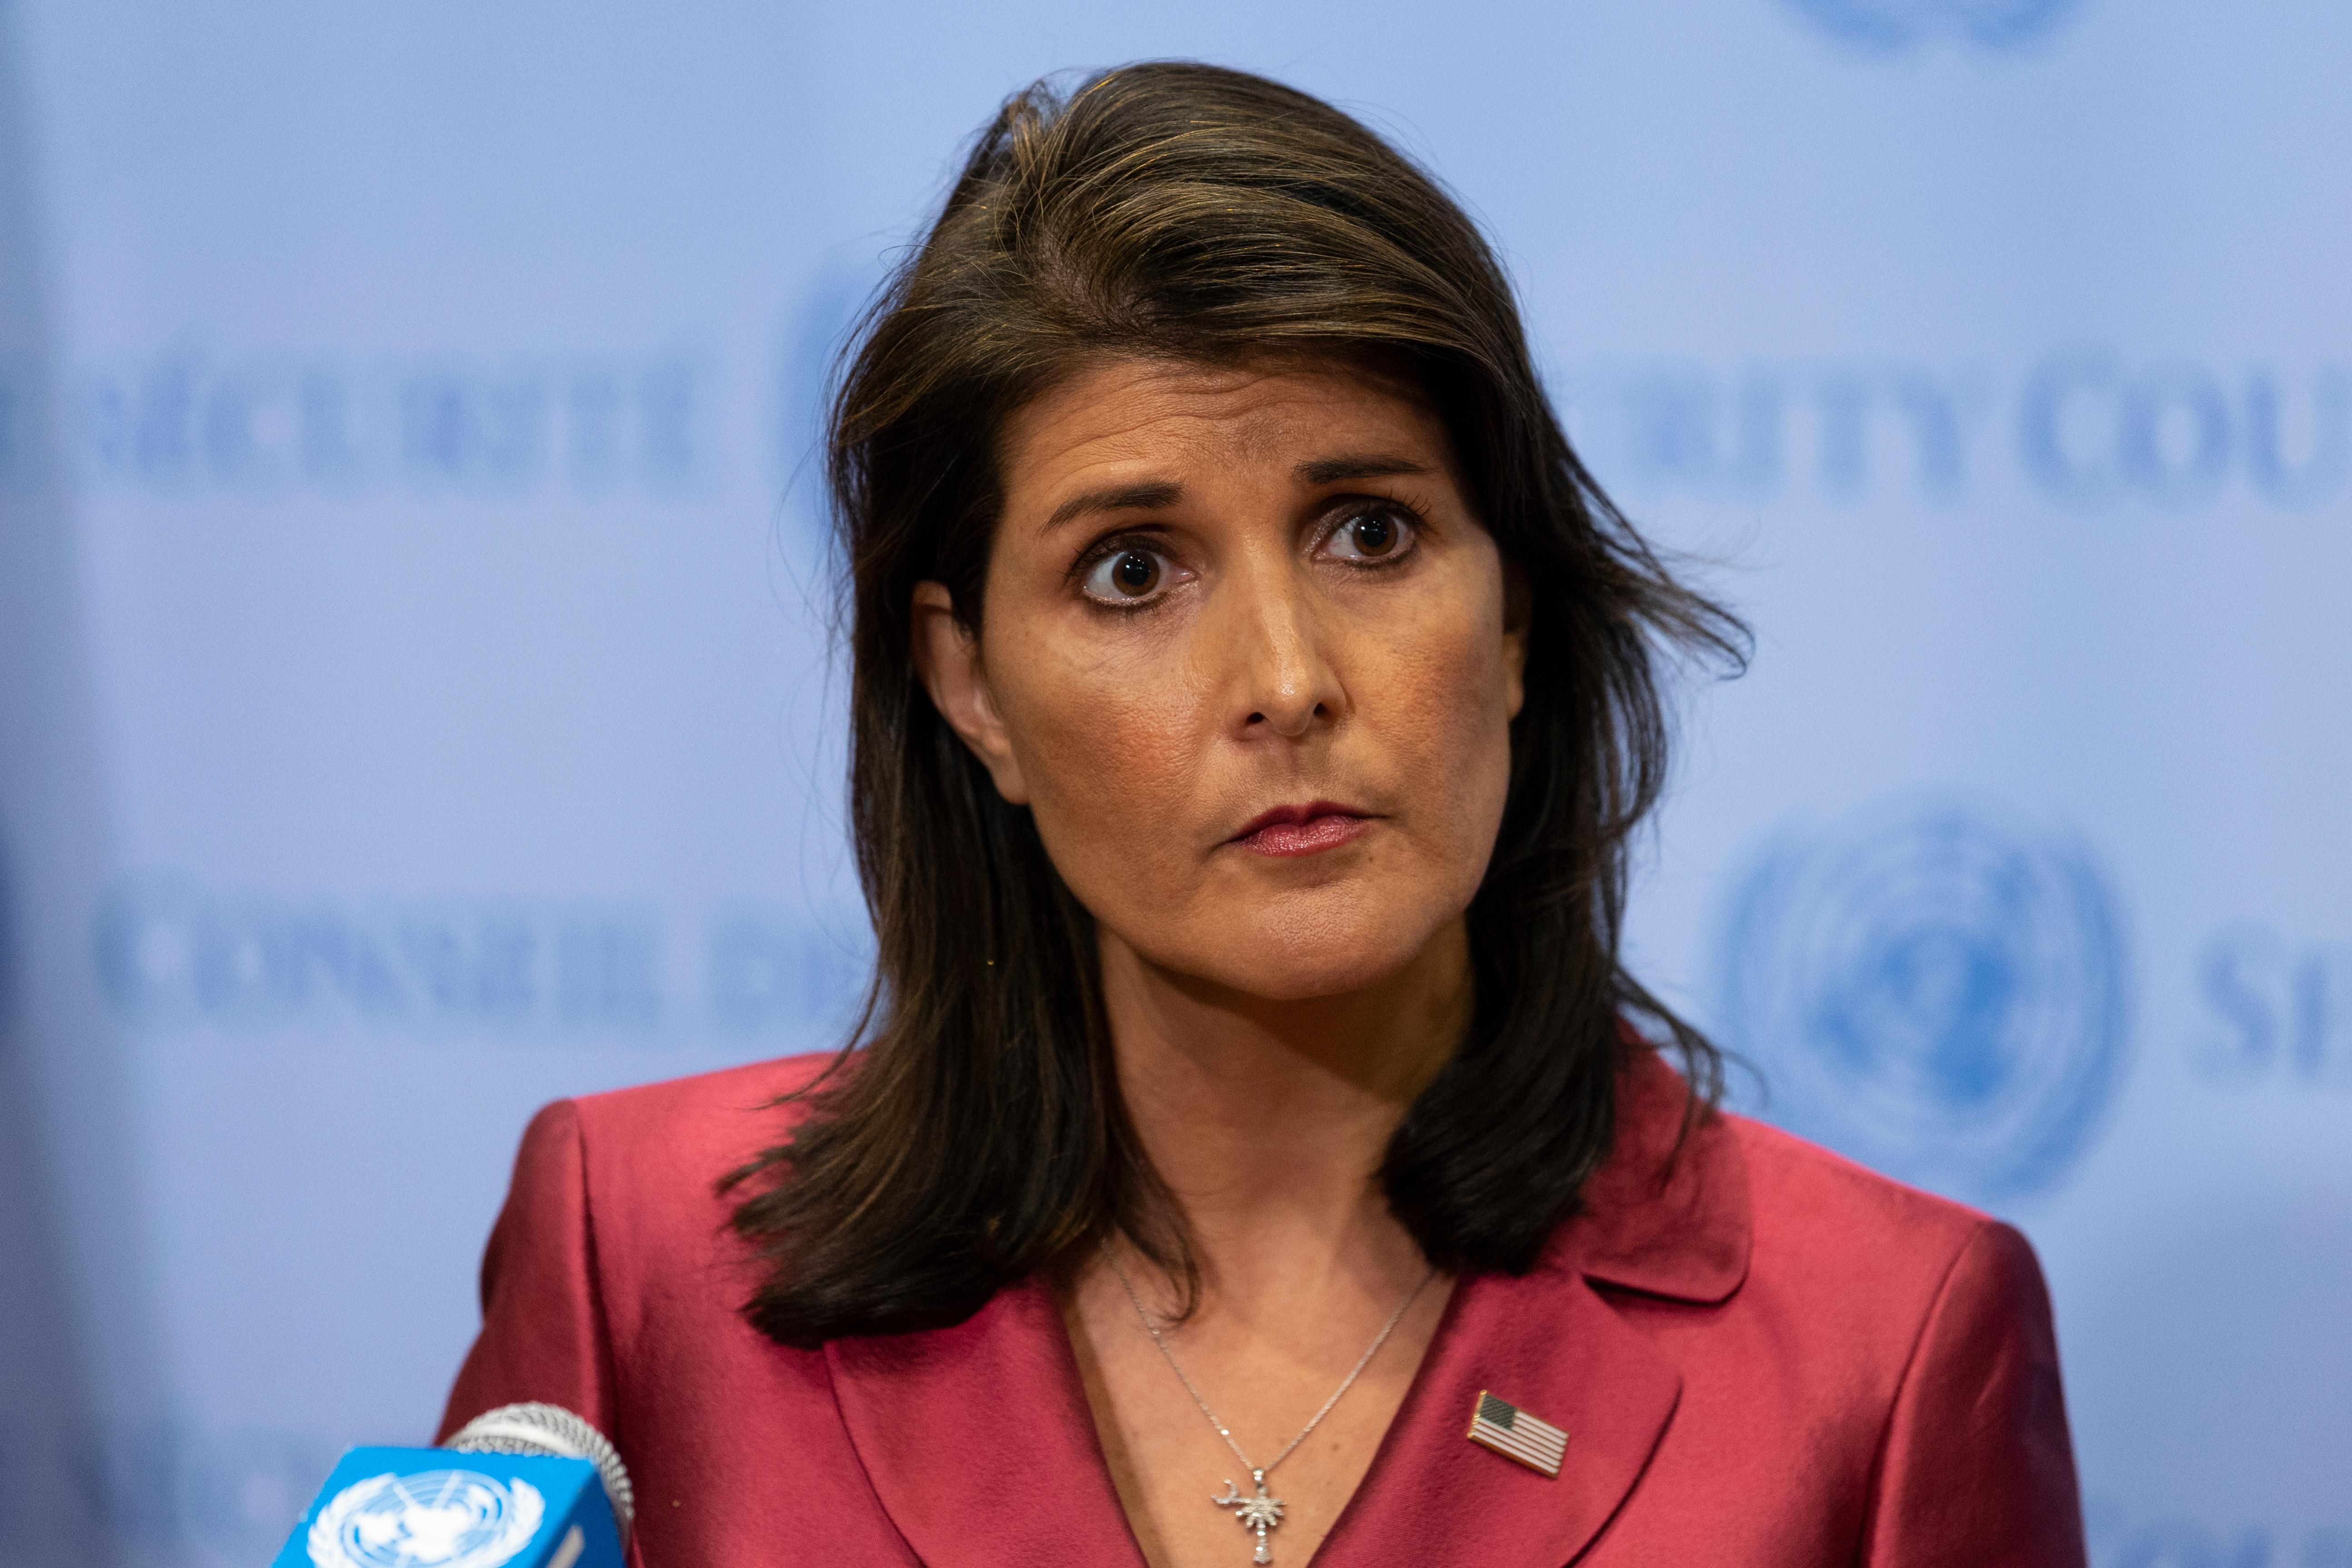 Nikki Haley, fosta ambasadoare SUA la ONU, consideră că Donald Trump nu va mai putea candida în 2024